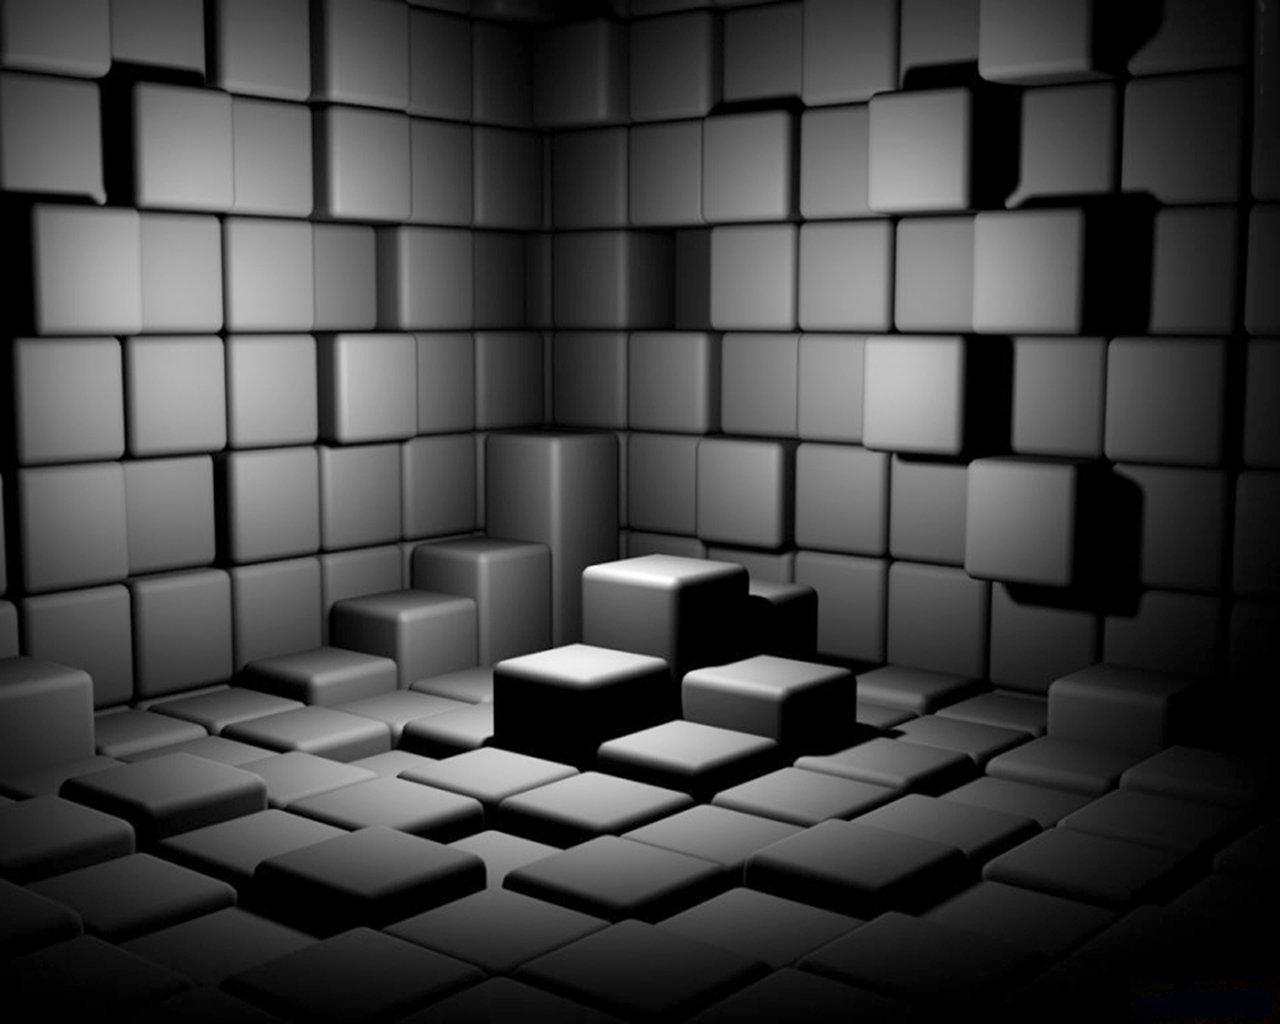 wallpaperuploads201005imgs1273643667 1280x1024 cube walljpg 1280x1024